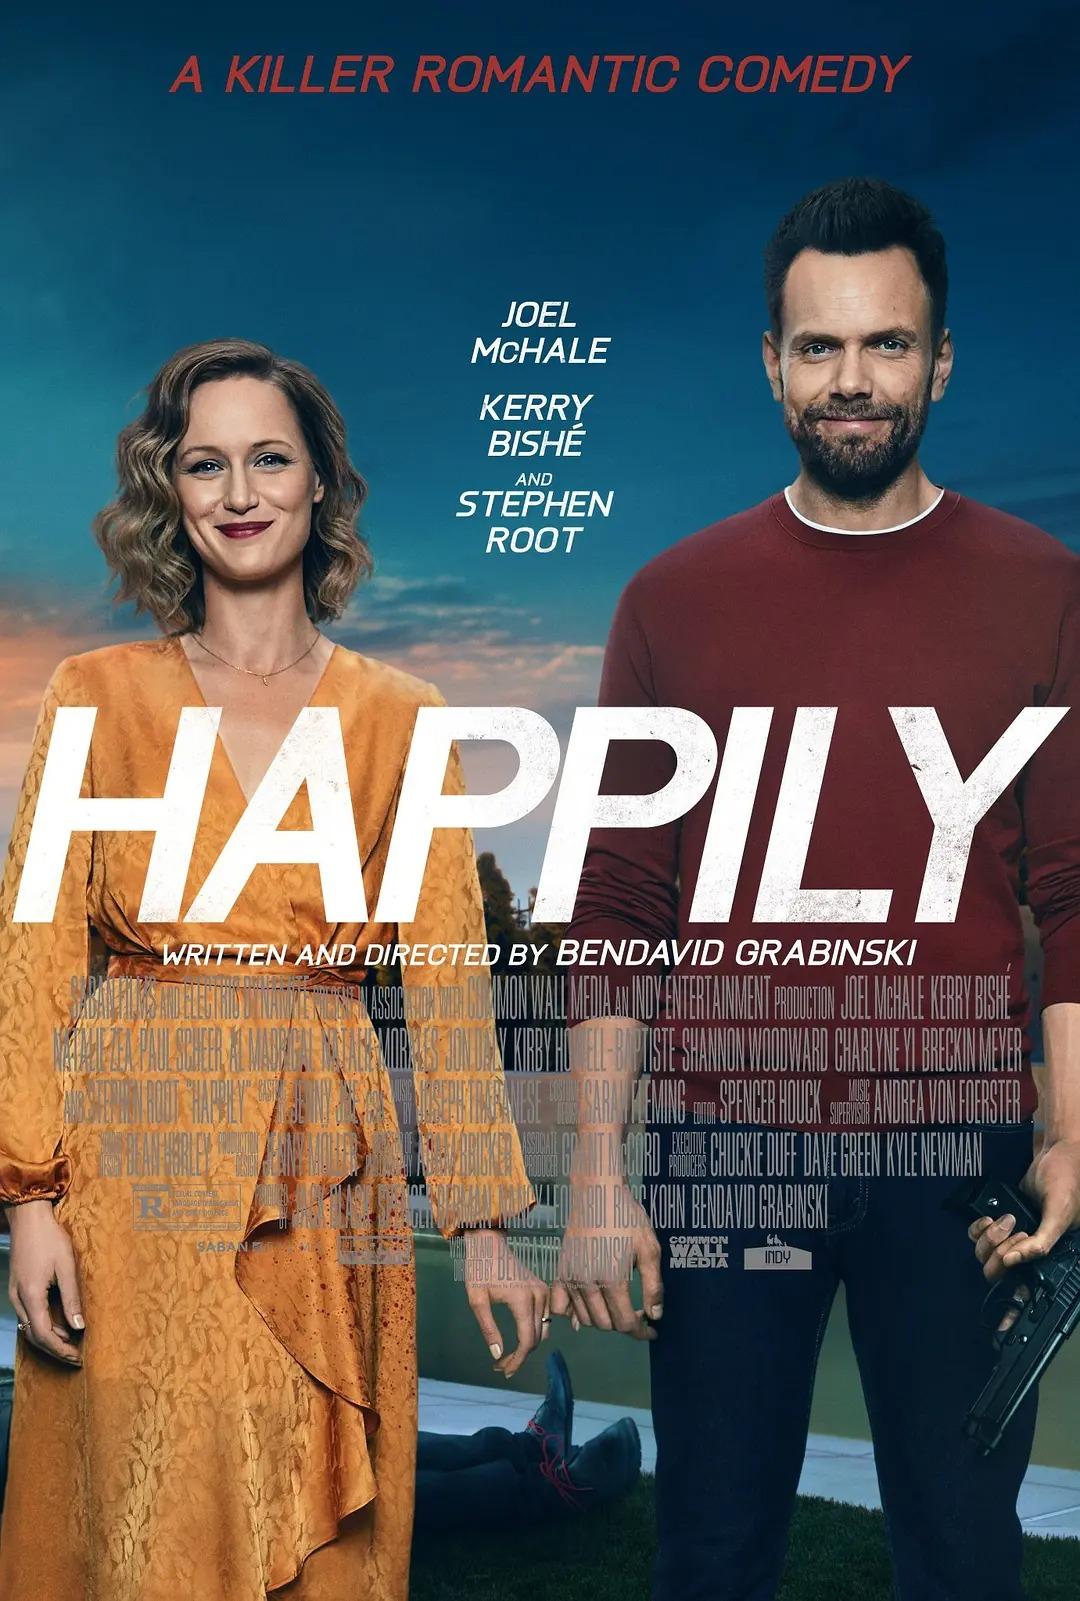 電影影評《真開心 happily》一個令人捧腹的懸疑的黑色喜劇